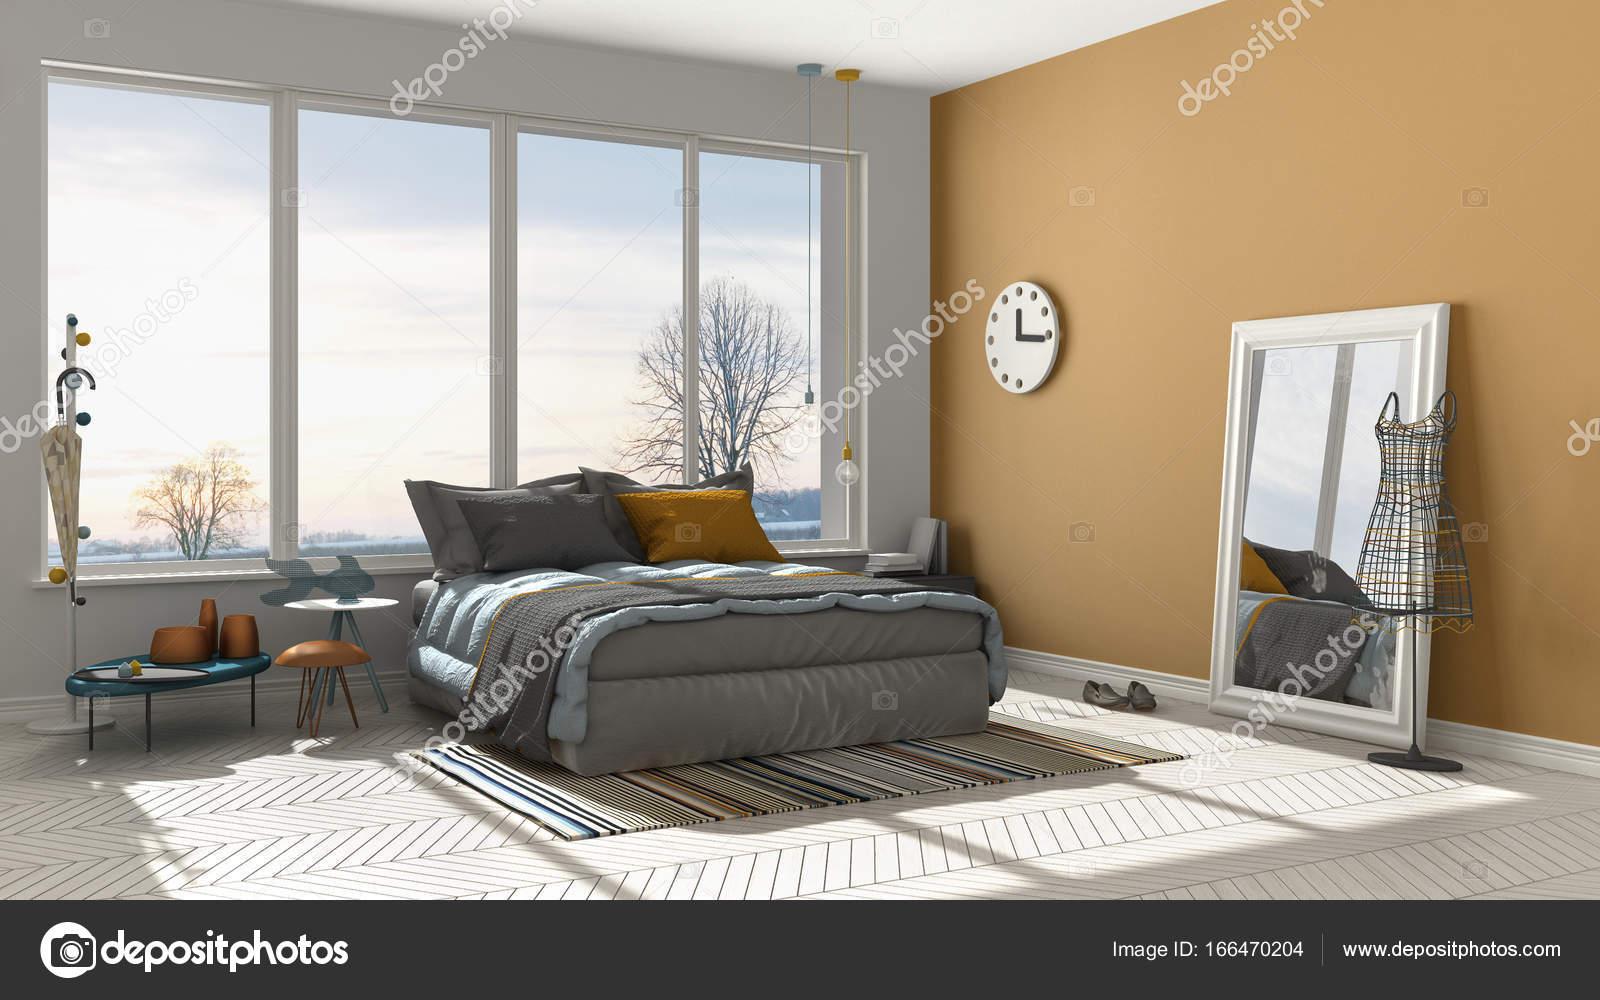 Exceptionnel Couleur Moderne Orange Et Blanche Chambre Avec Grande Fenêtre Panoramique,  Coucher De Soleil, Aube, Architecture Minimaliste Interior Design U2014 Image  De ...